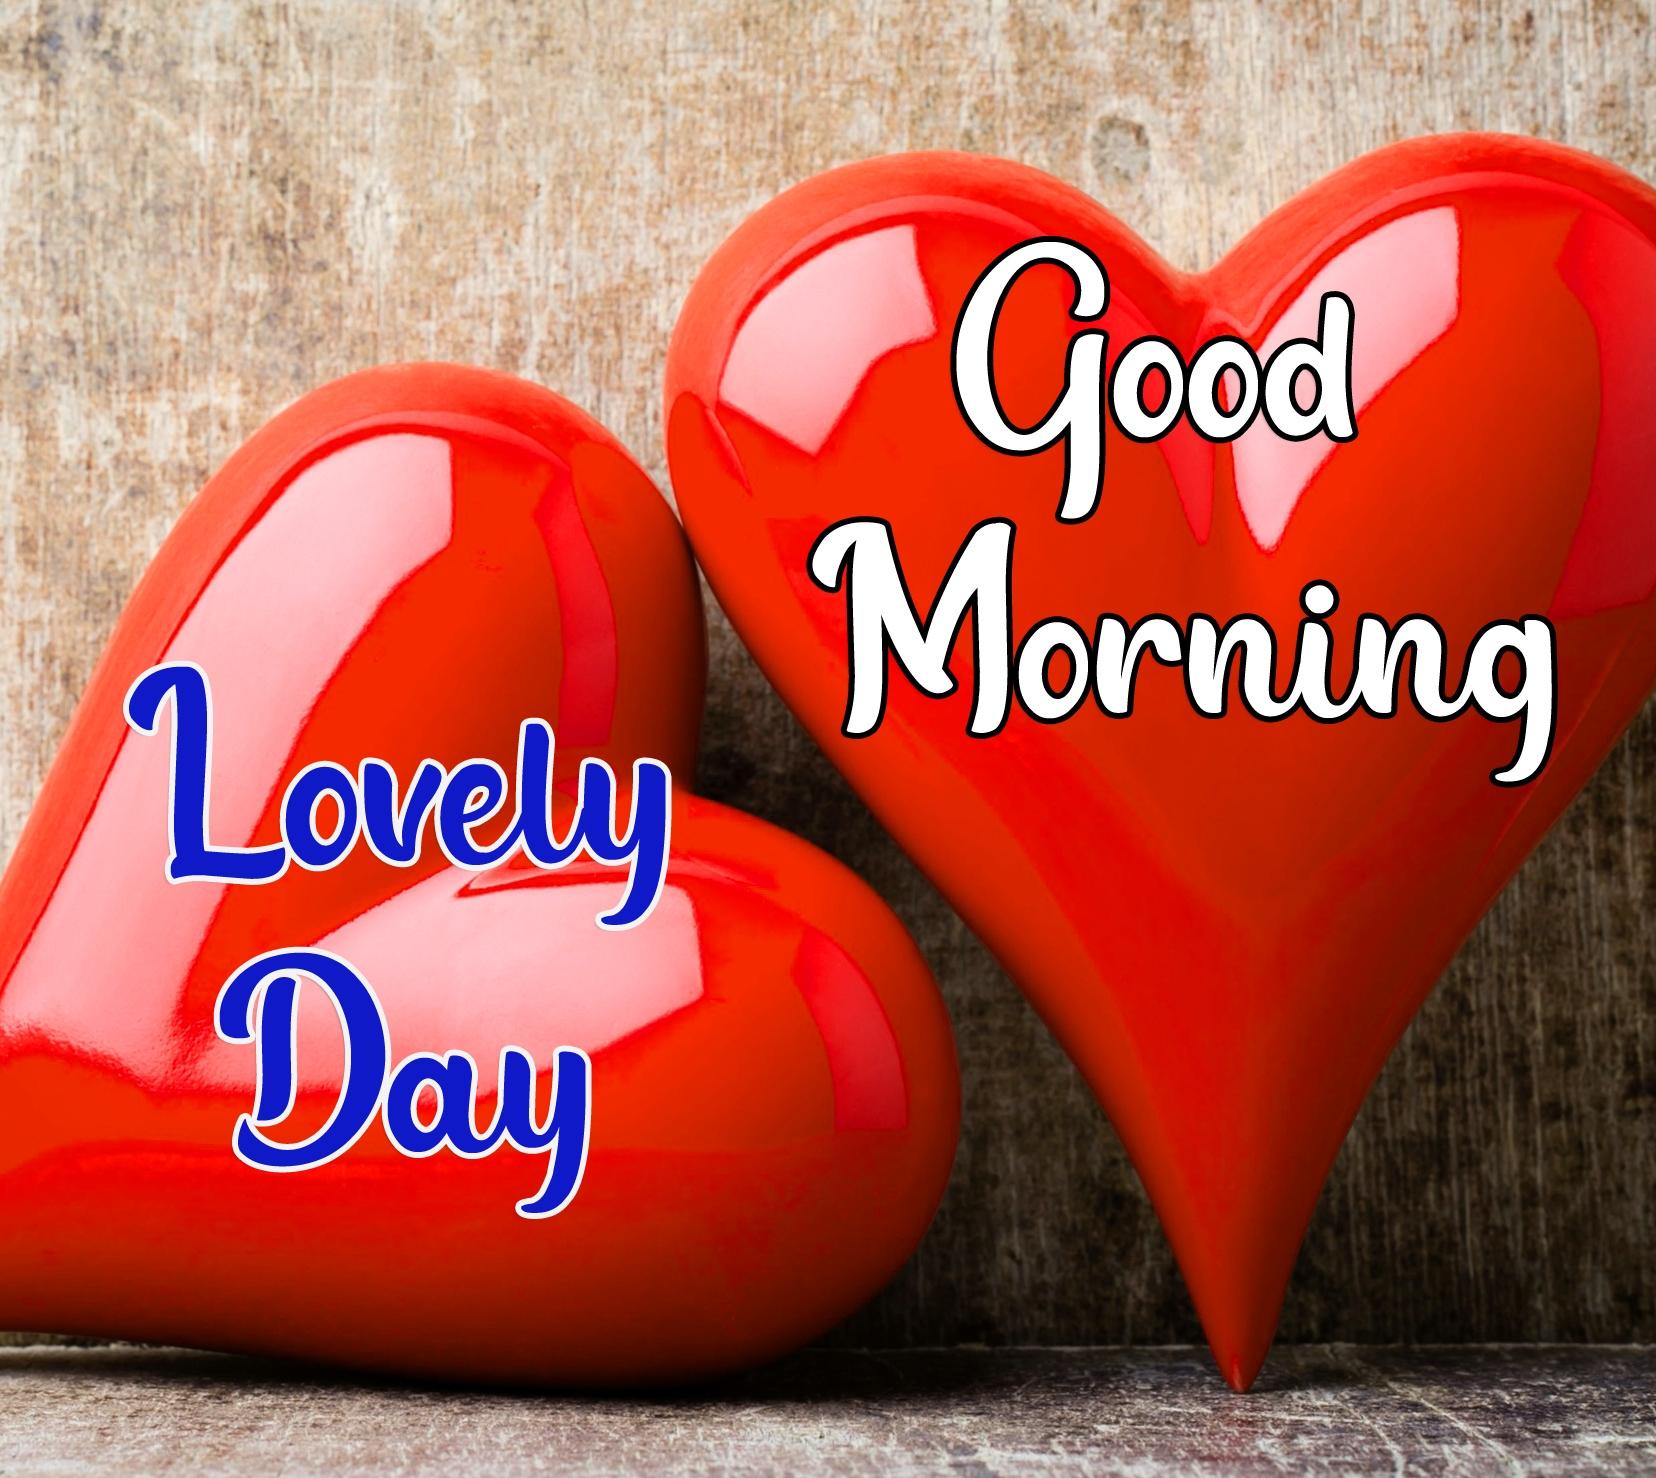 Special Good Morning Wallpaper 83